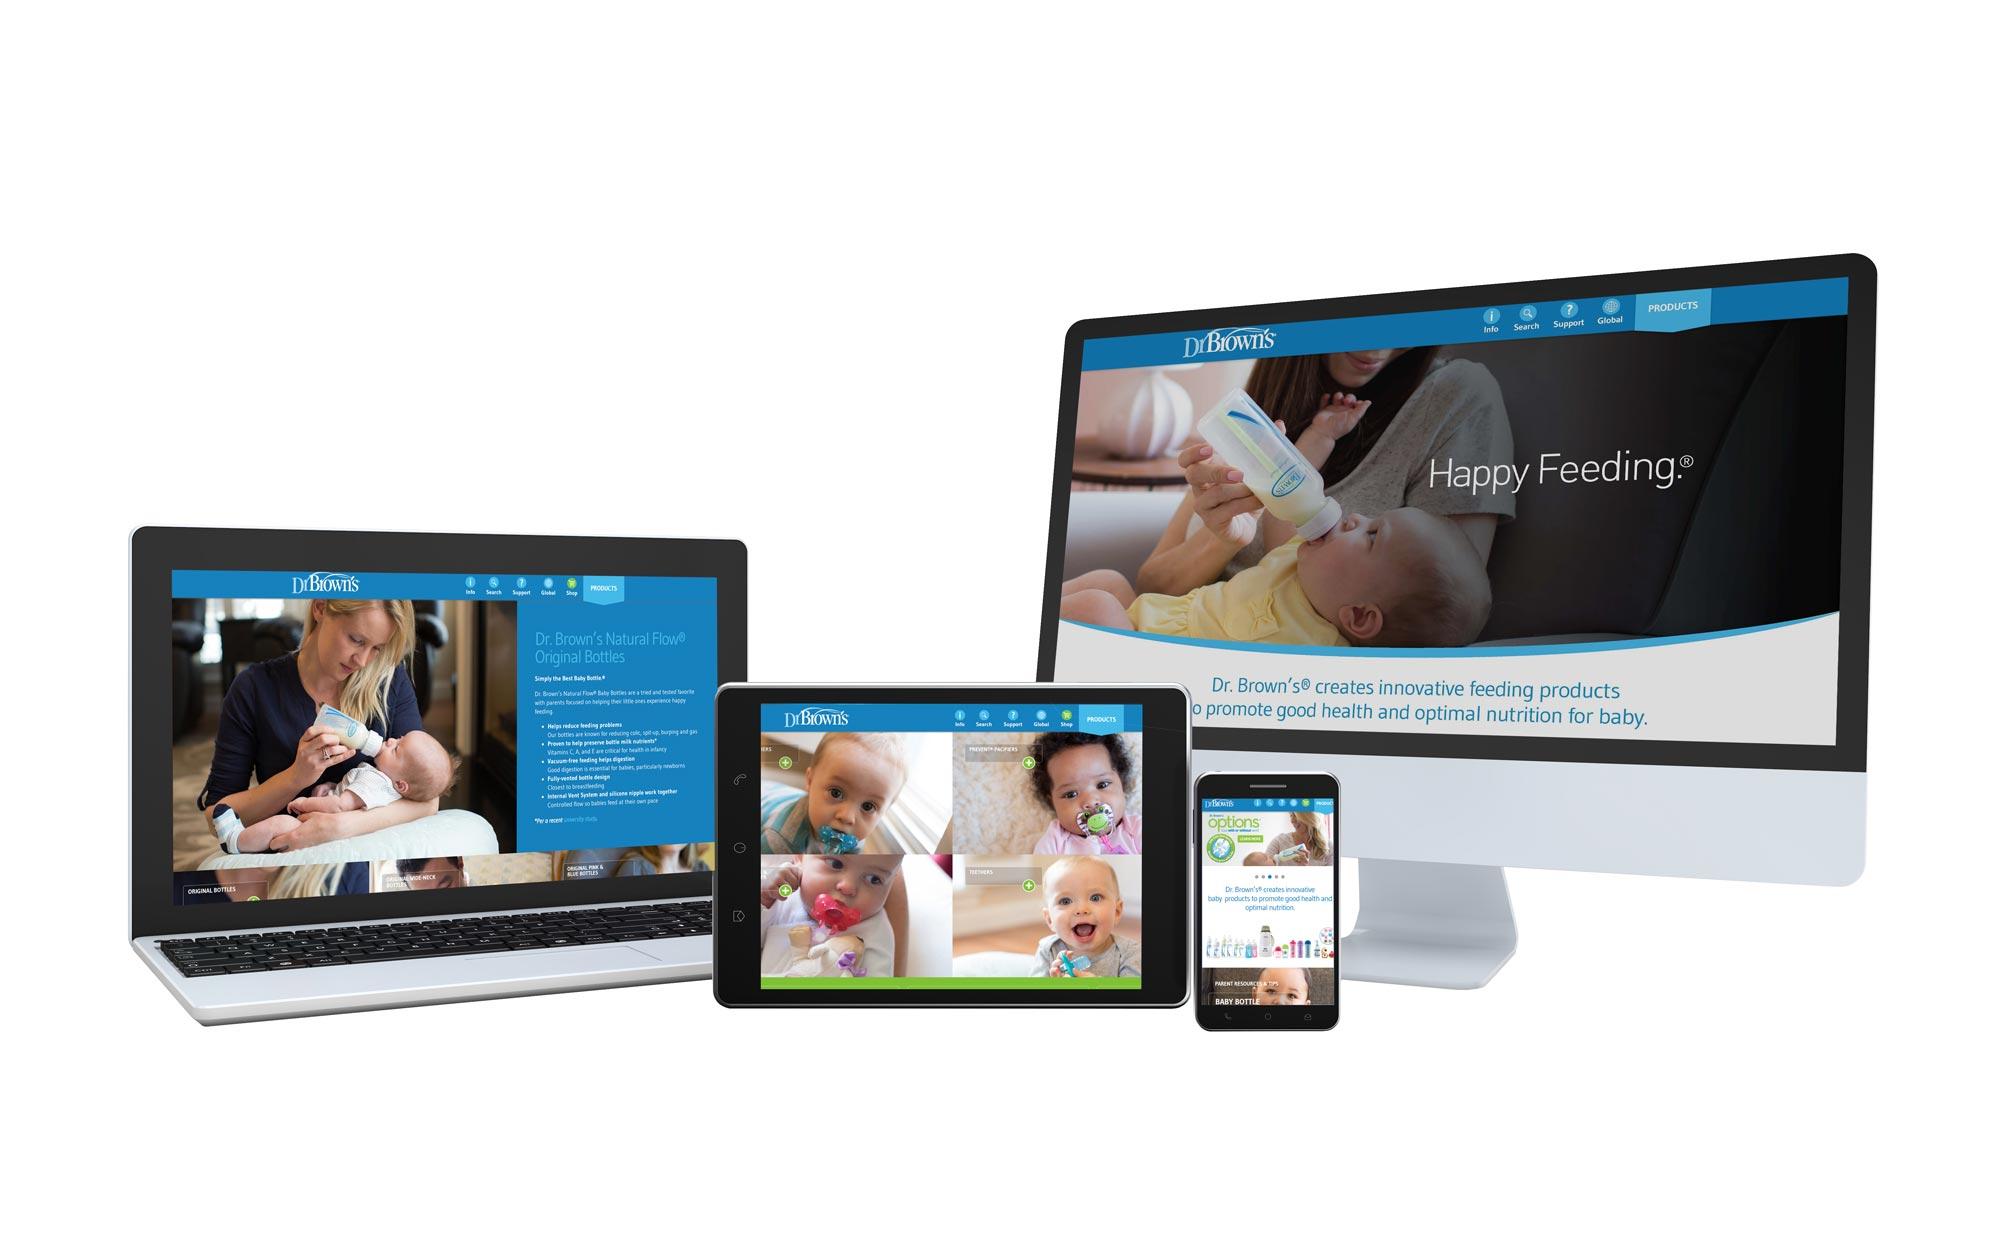 dr brown's website design